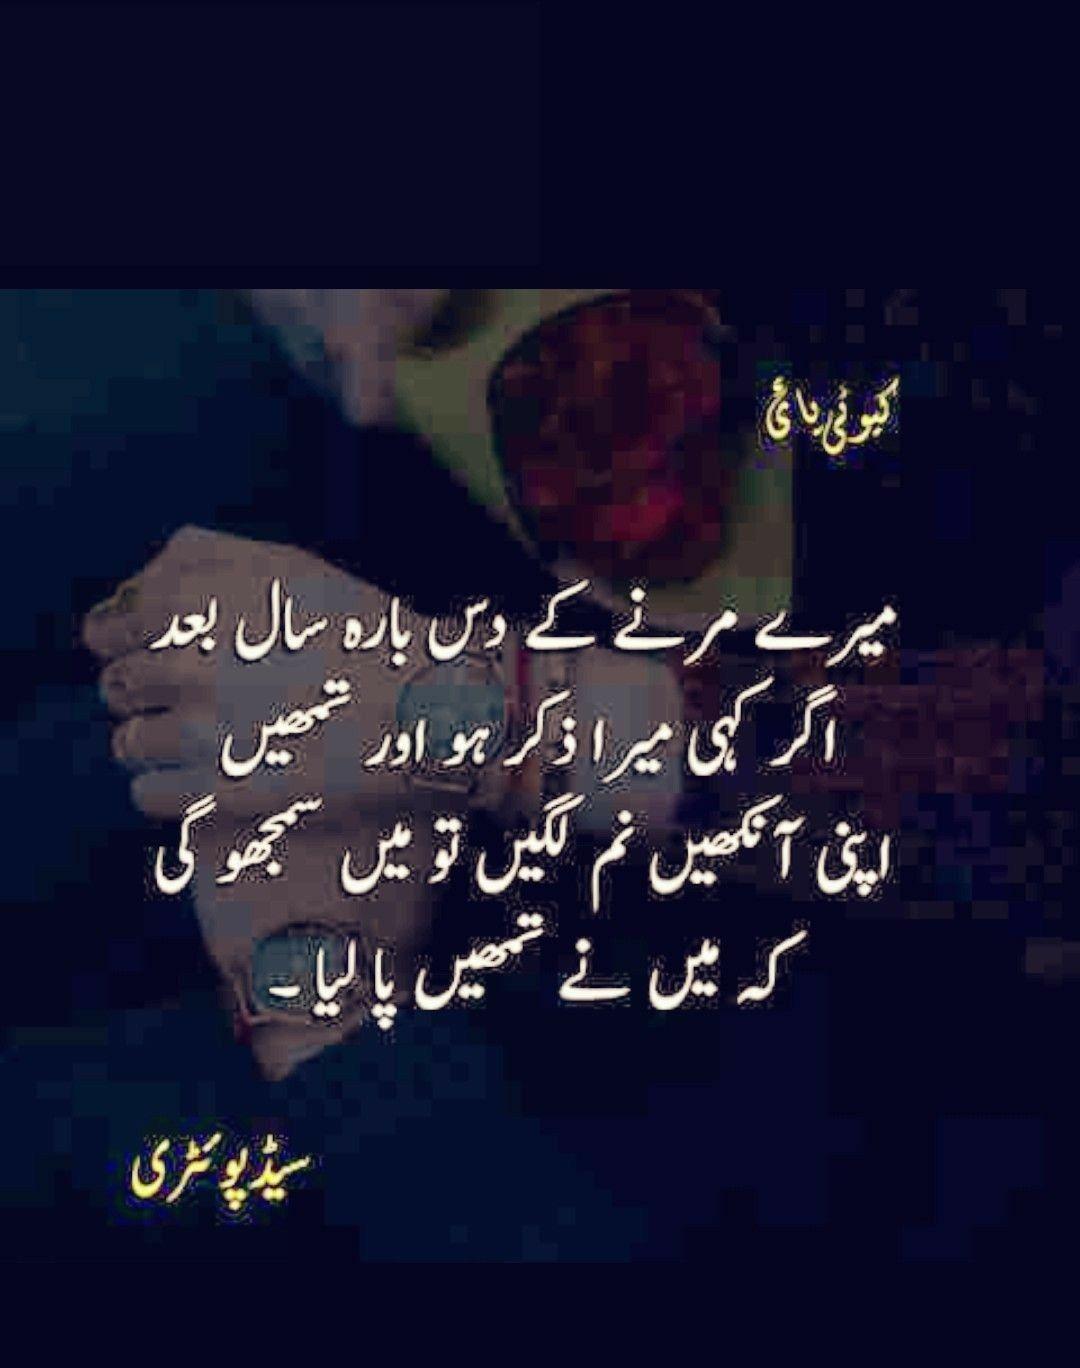 Pin by Samina Zabir on urdu poetry | Romantic poetry ...